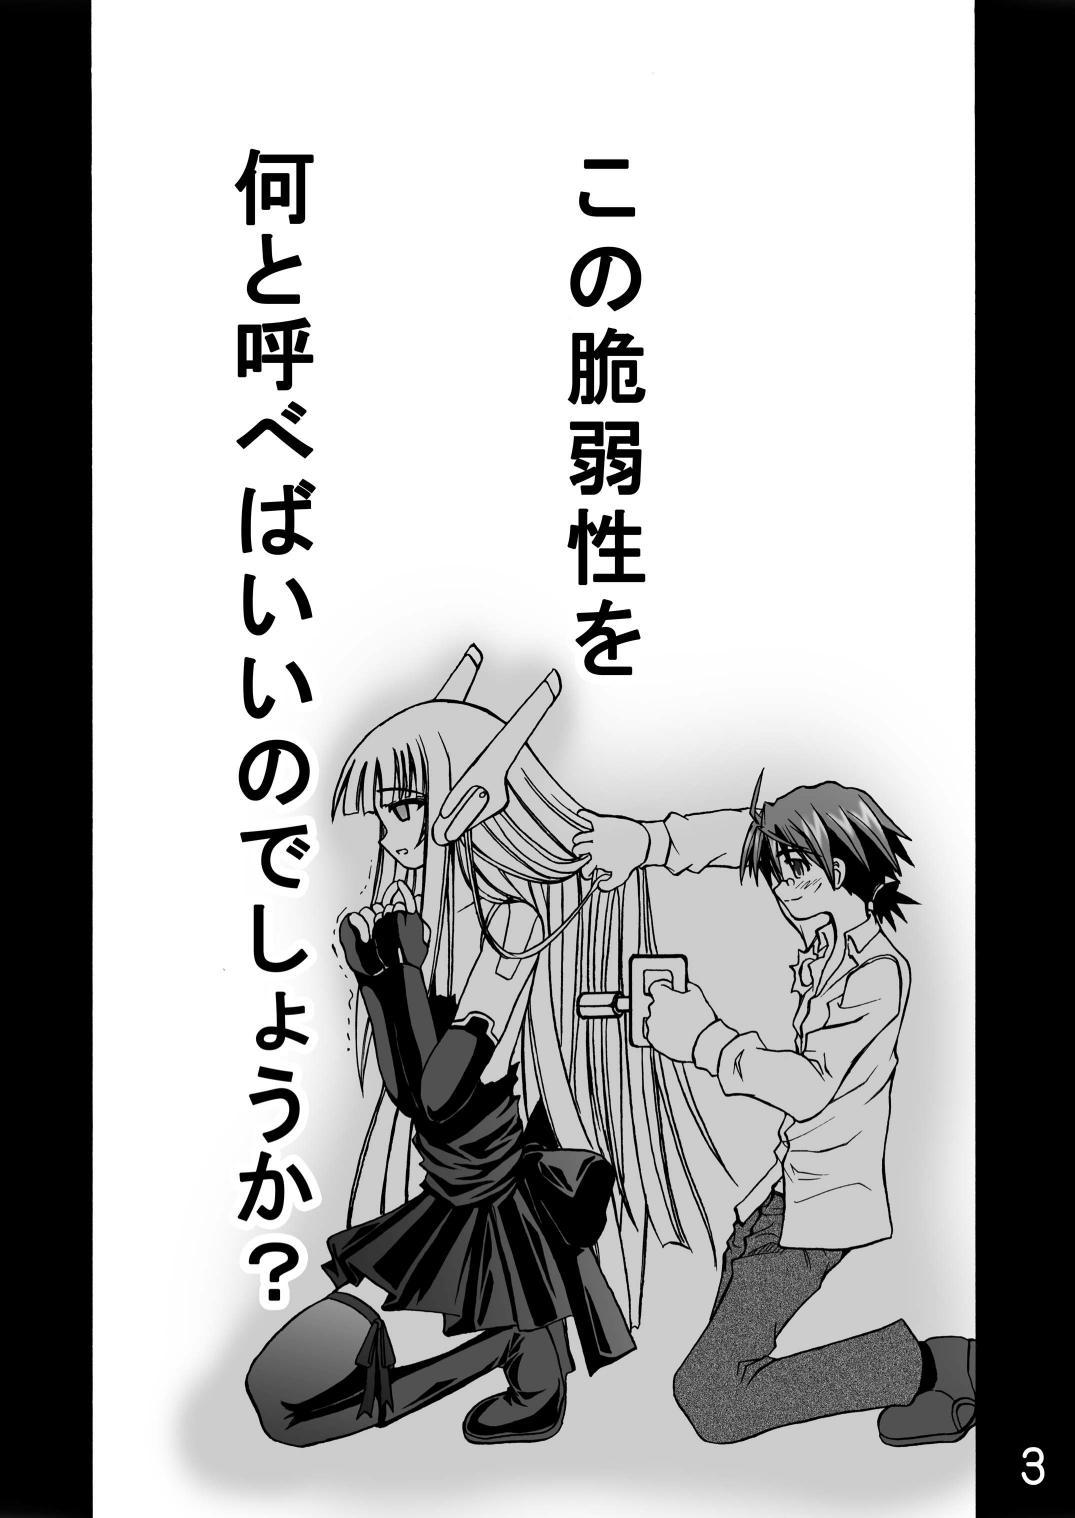 Sekai wa sore wo A.I to yobun daze 1